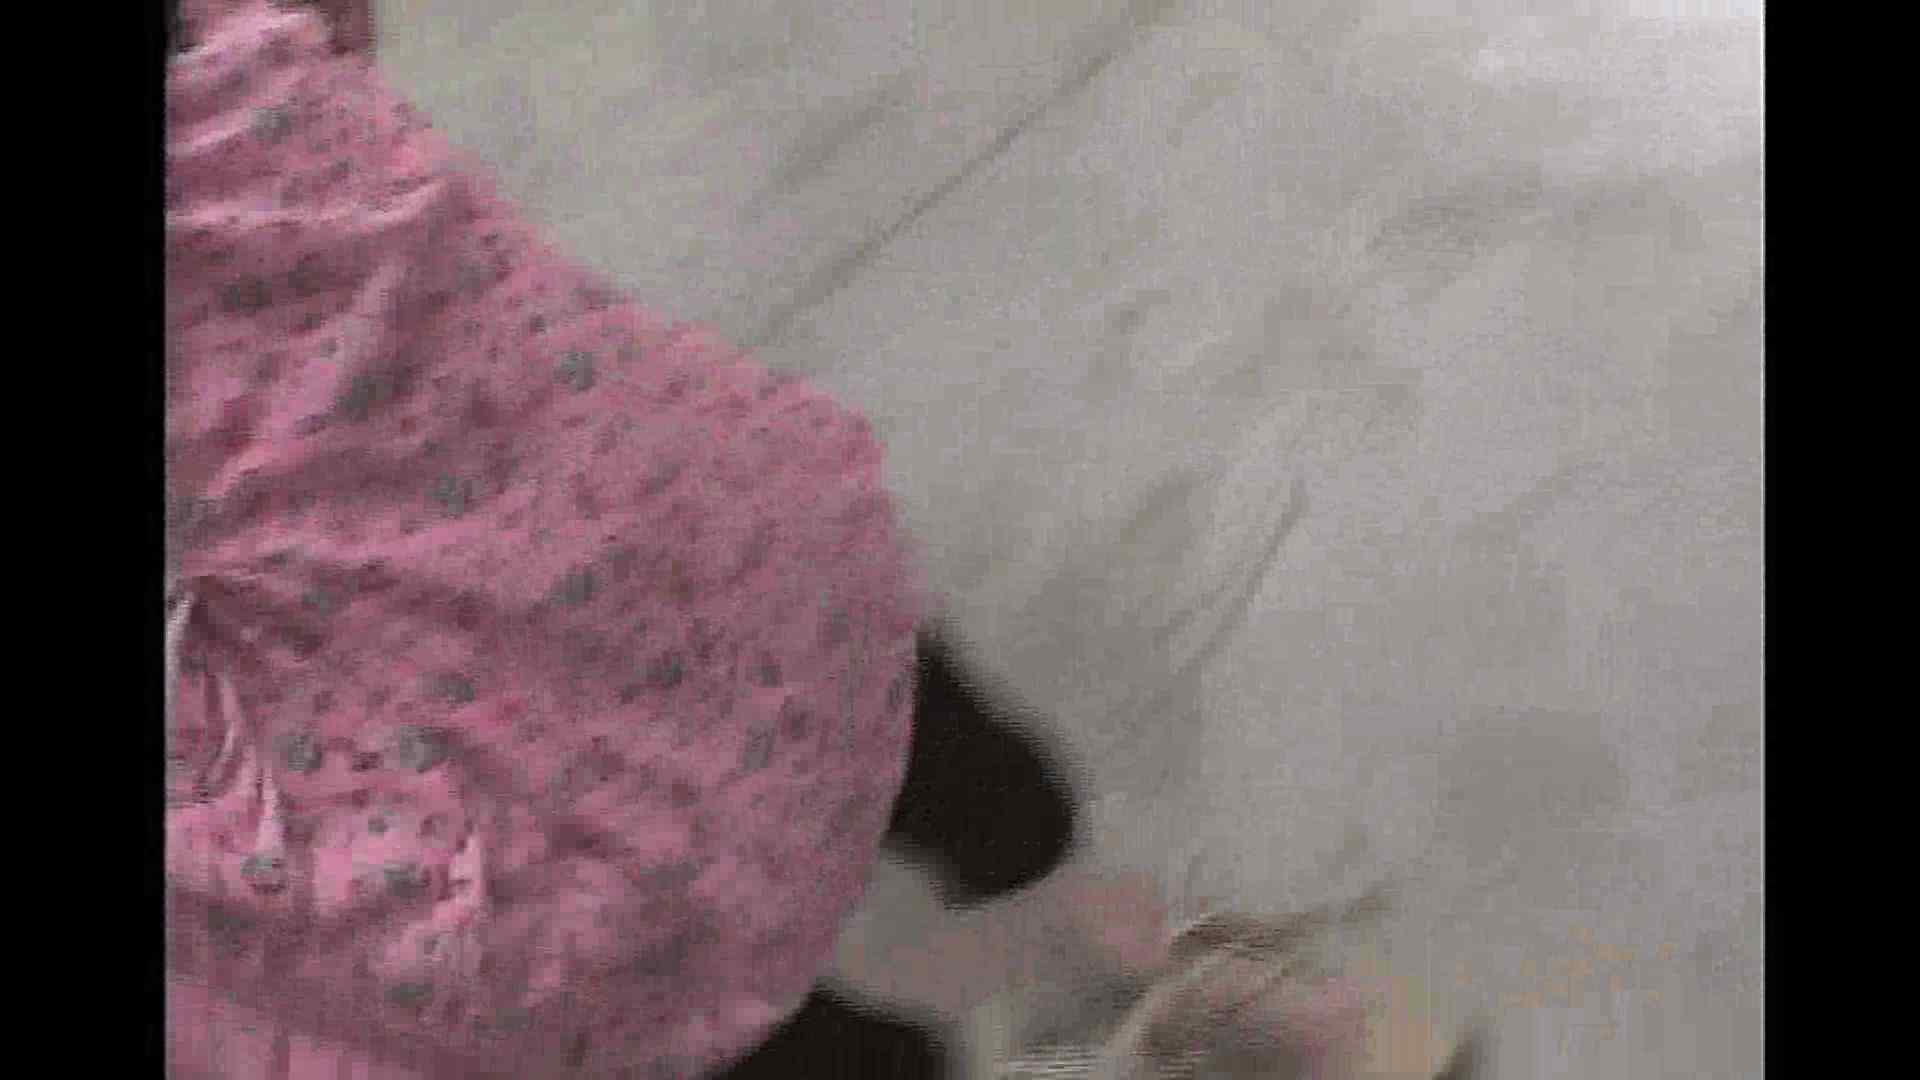 働く美女の谷間参拝 Vol.09 OLエロ画像   コスチューム  80PICs 10